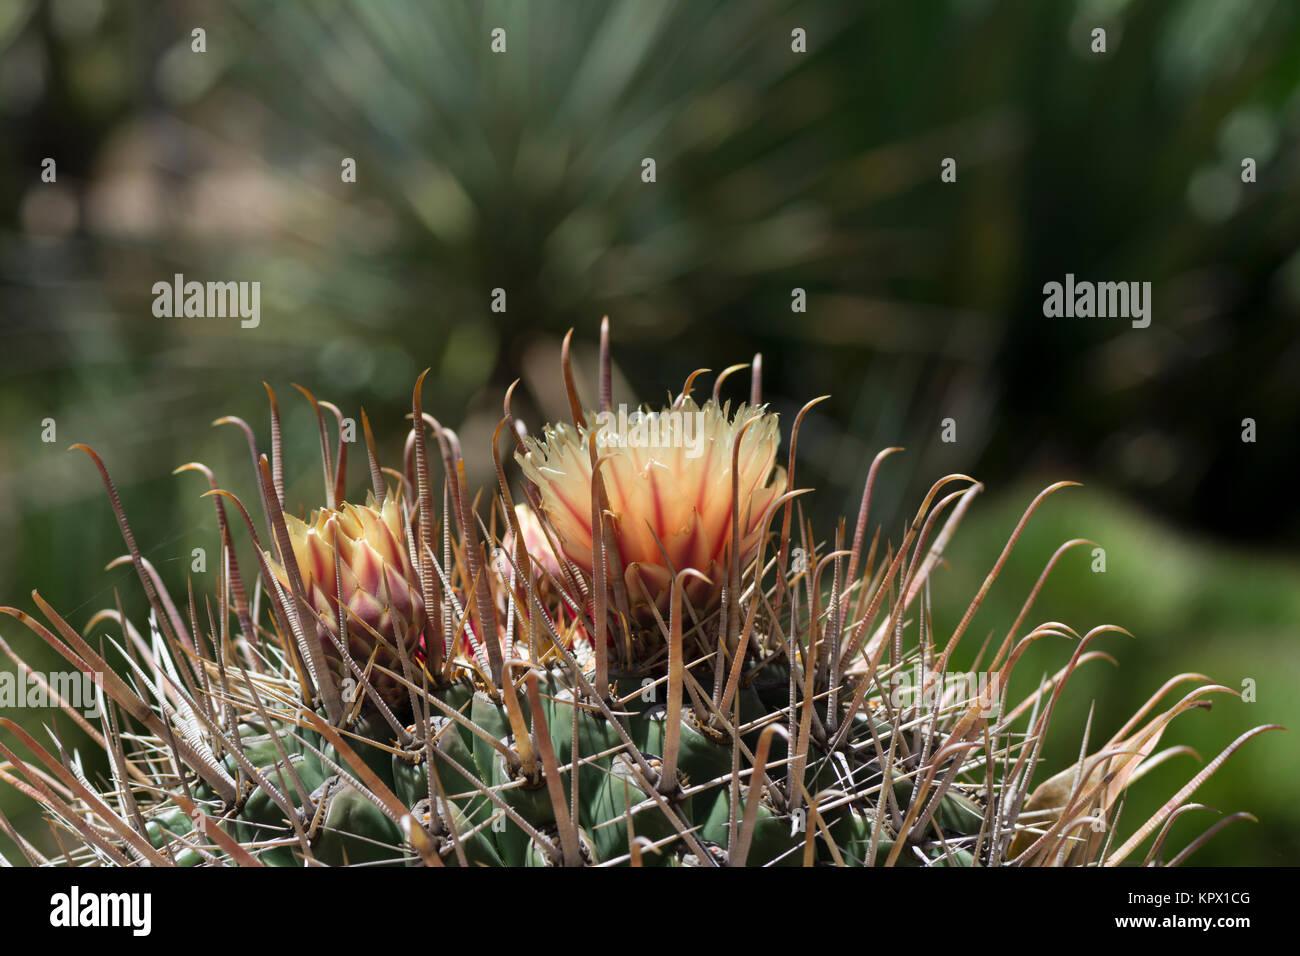 La parte superior de un ferocactus wislizeni, anzuelo barril cactus en flor, también conocido como barriles de Arizona y el suroeste de barril de caramelos, cactus de barril. Muy shal Foto de stock